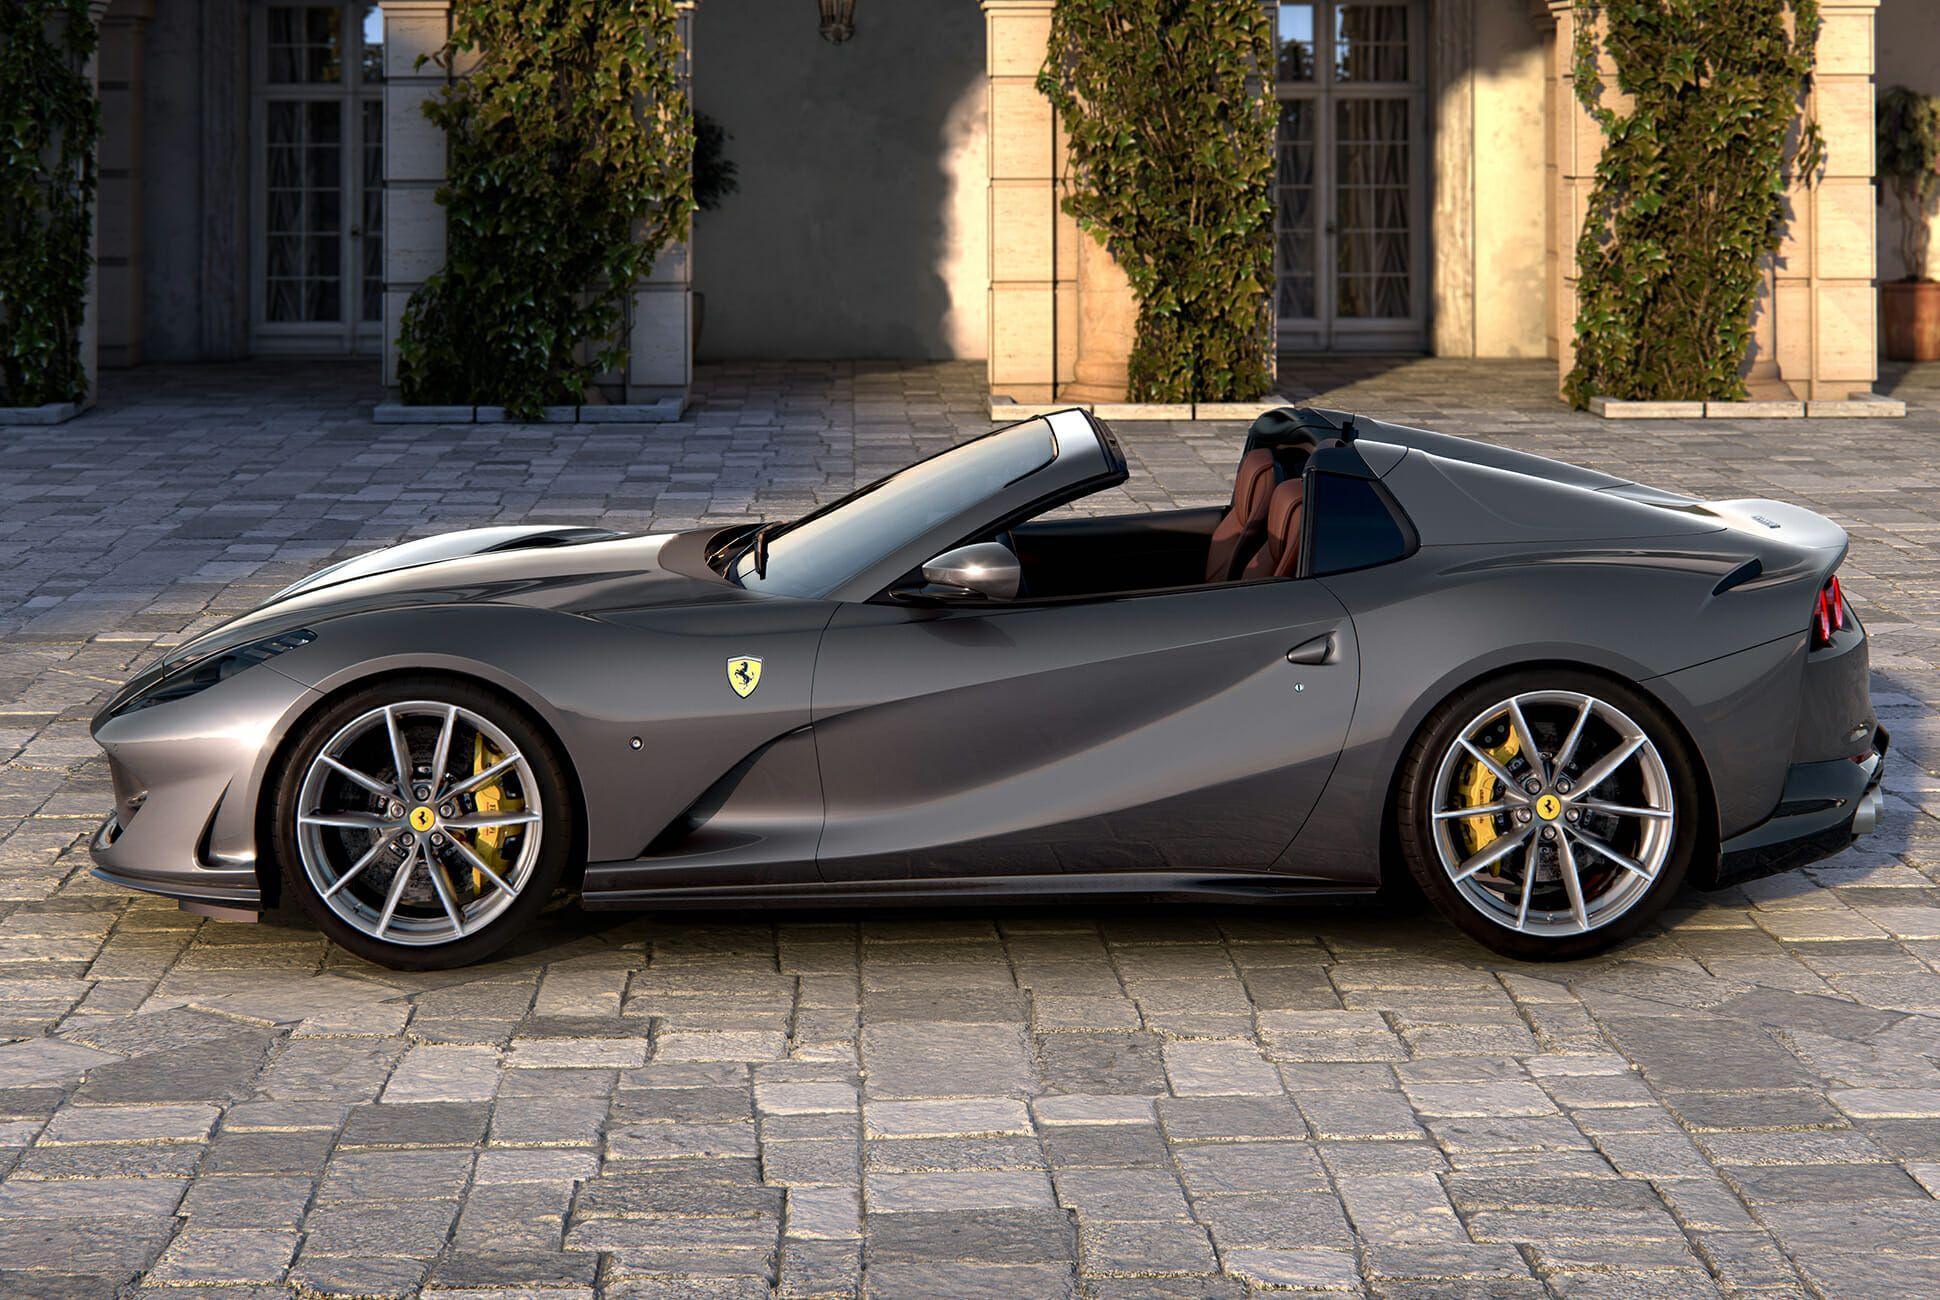 Ferrari-GTS-gear-patrol-slide-03